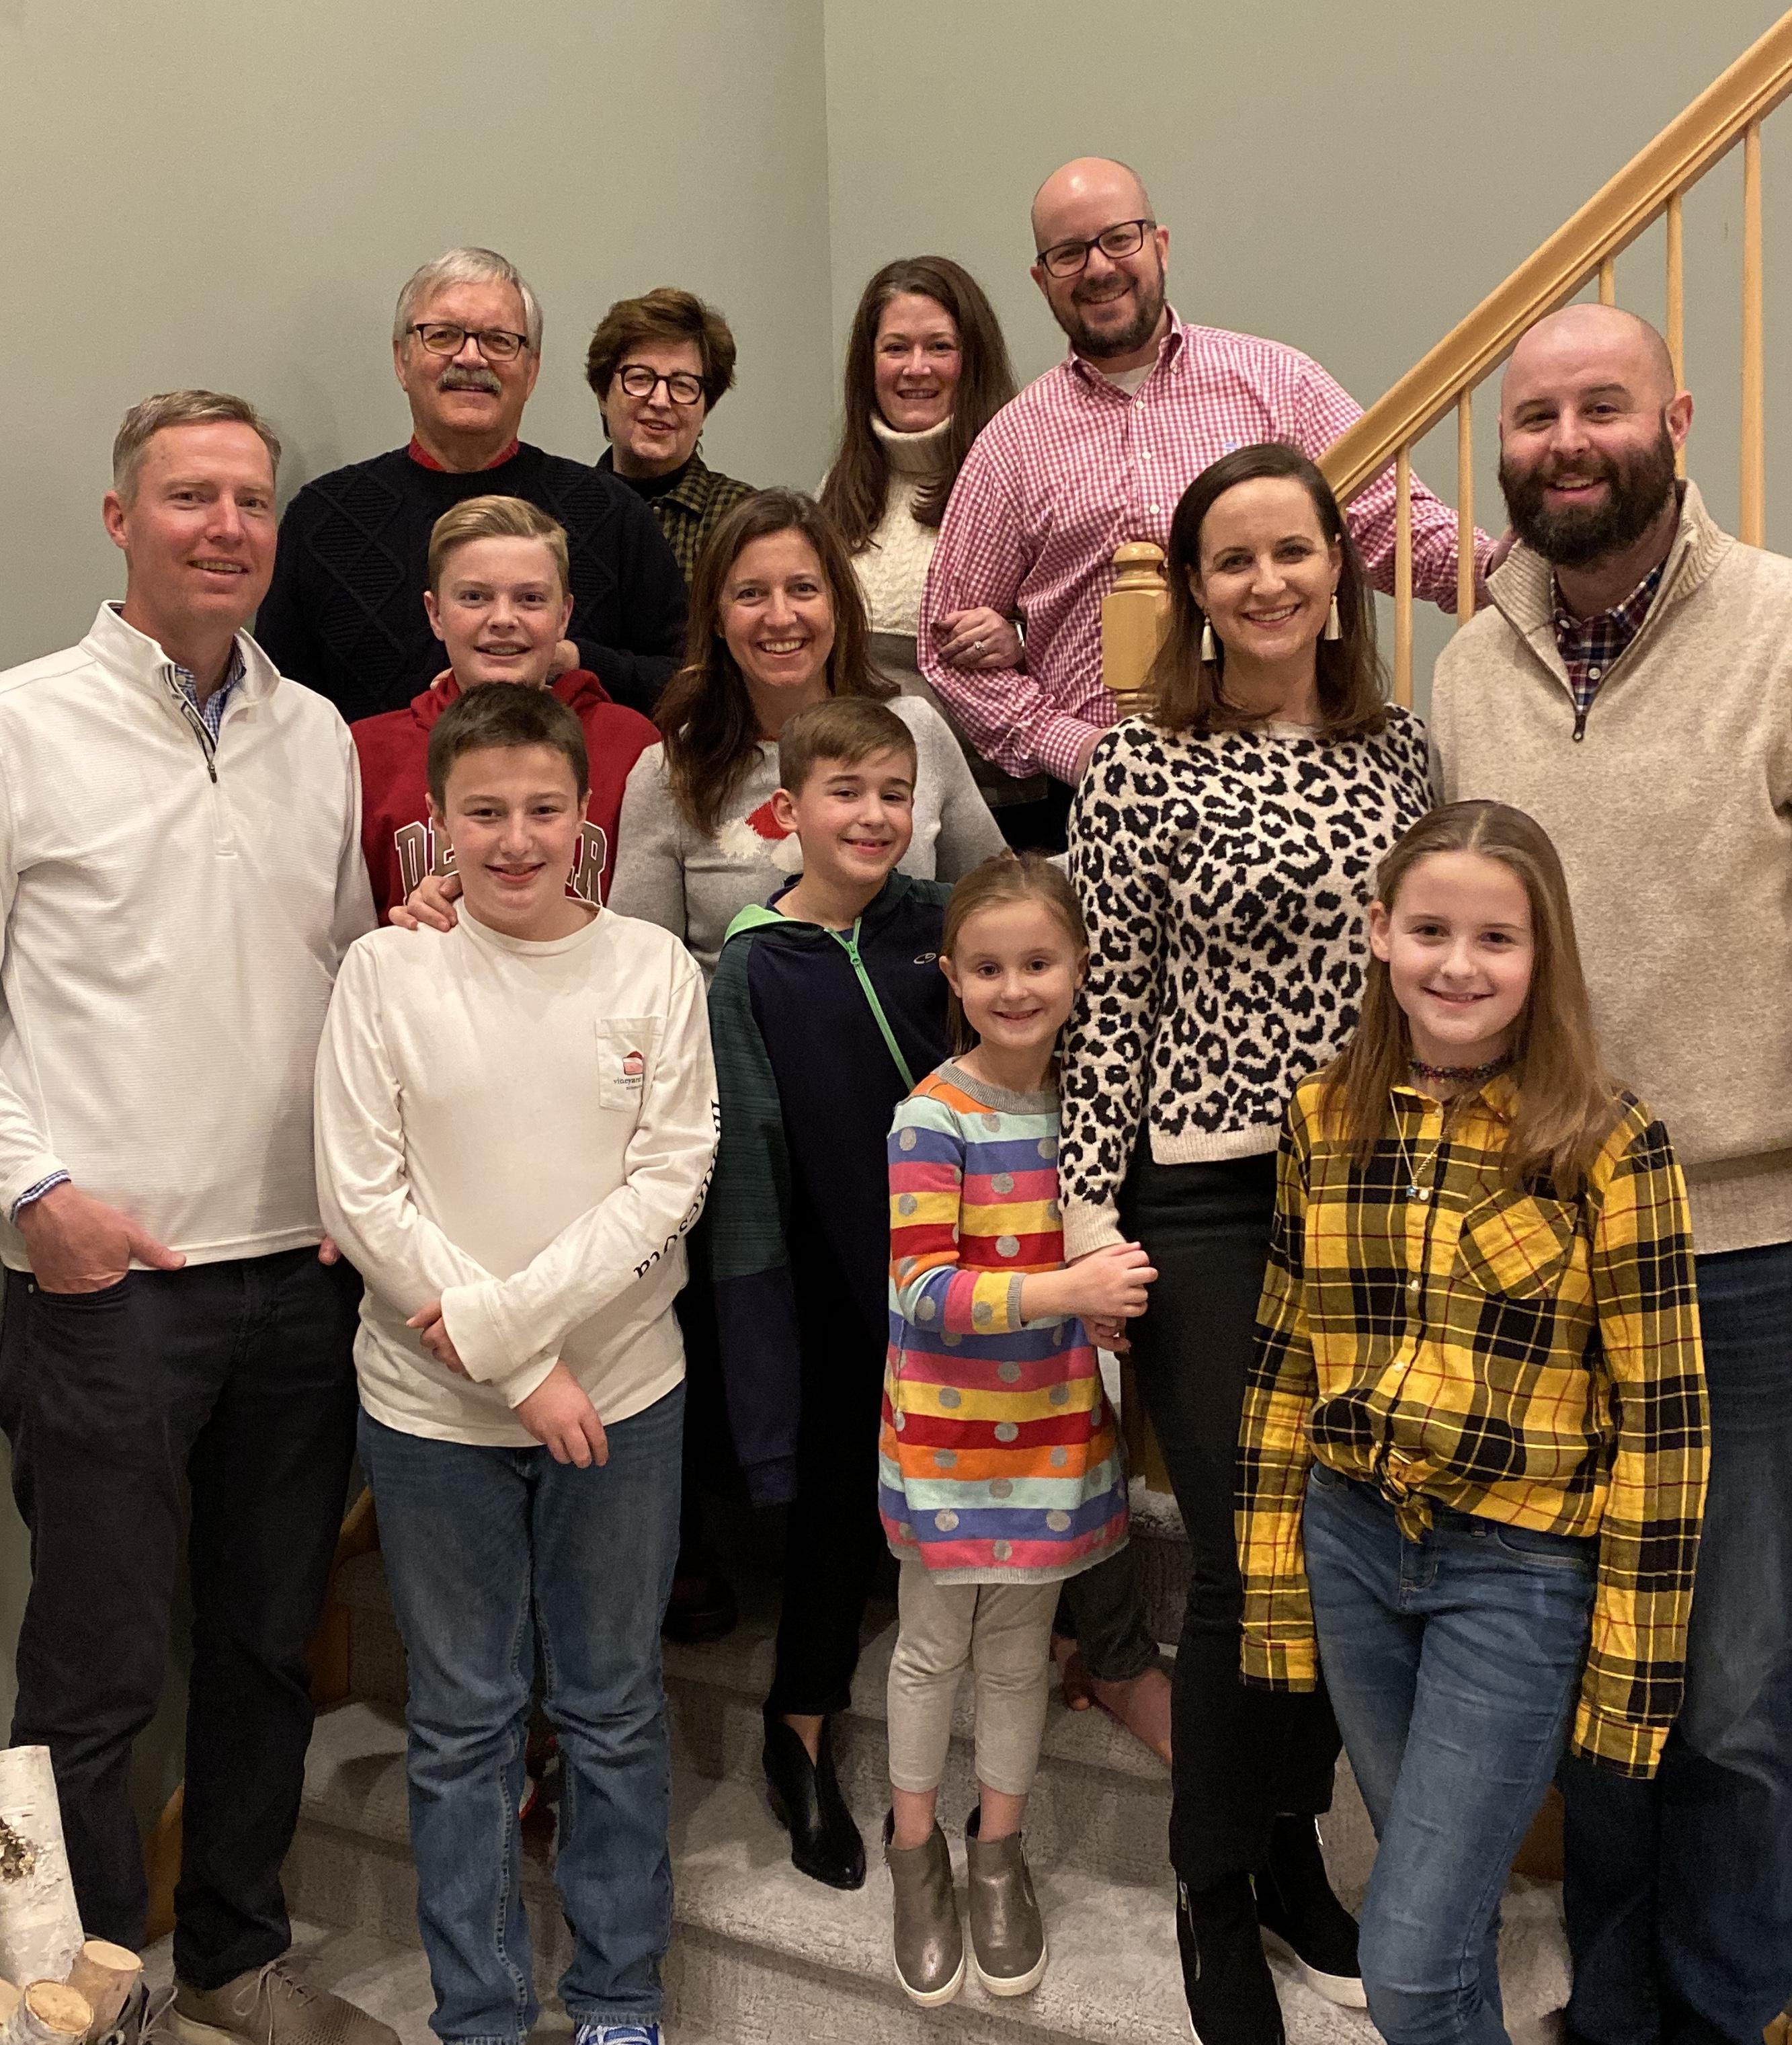 David's Family at Thanksgiving